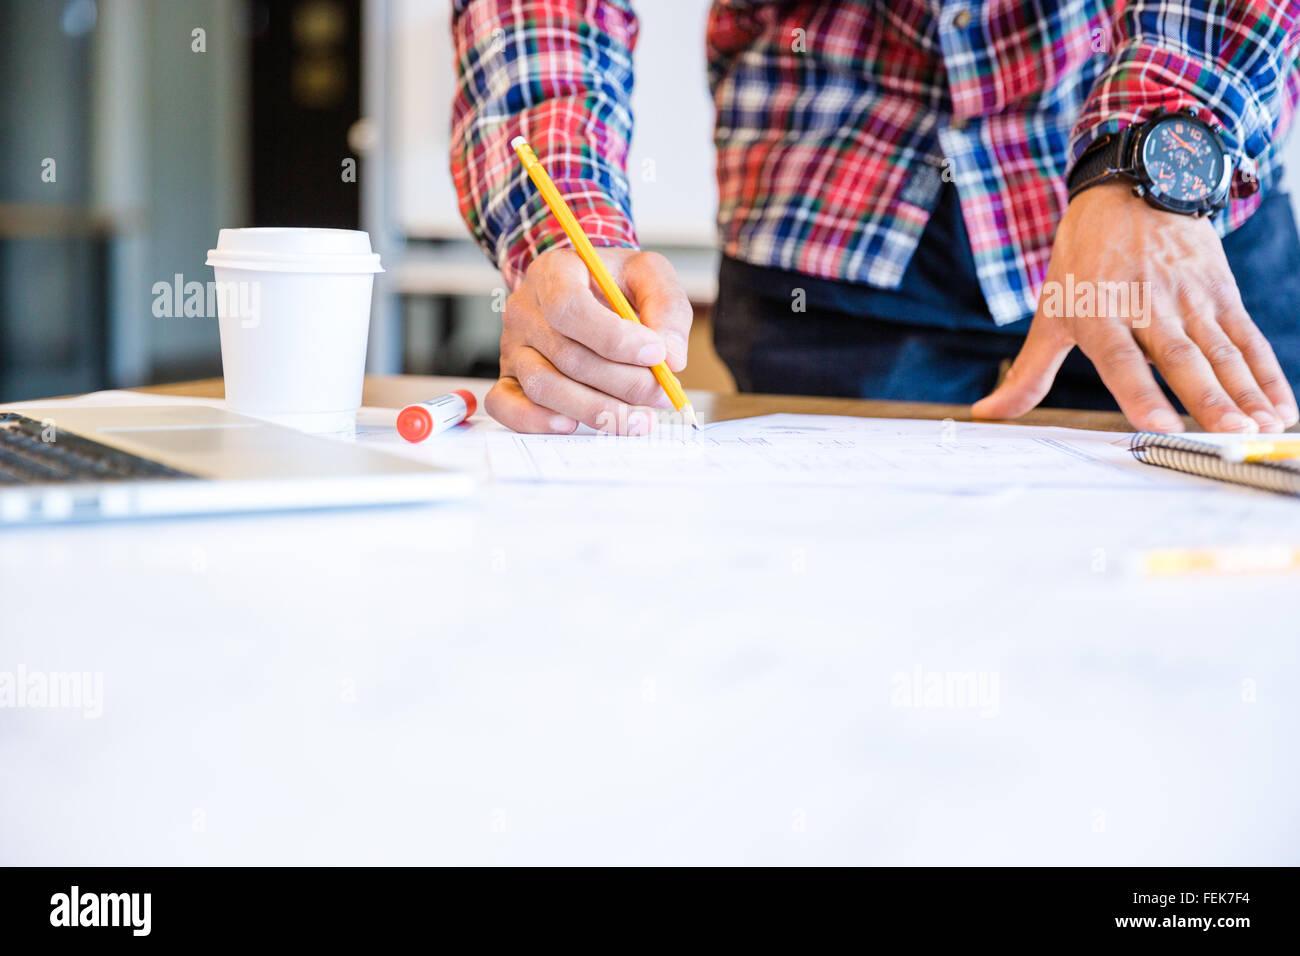 Junge afrikanische amerikanische Studentin Zeichnung Entwurf mit Bleistift im Klassenzimmer stehen Stockbild